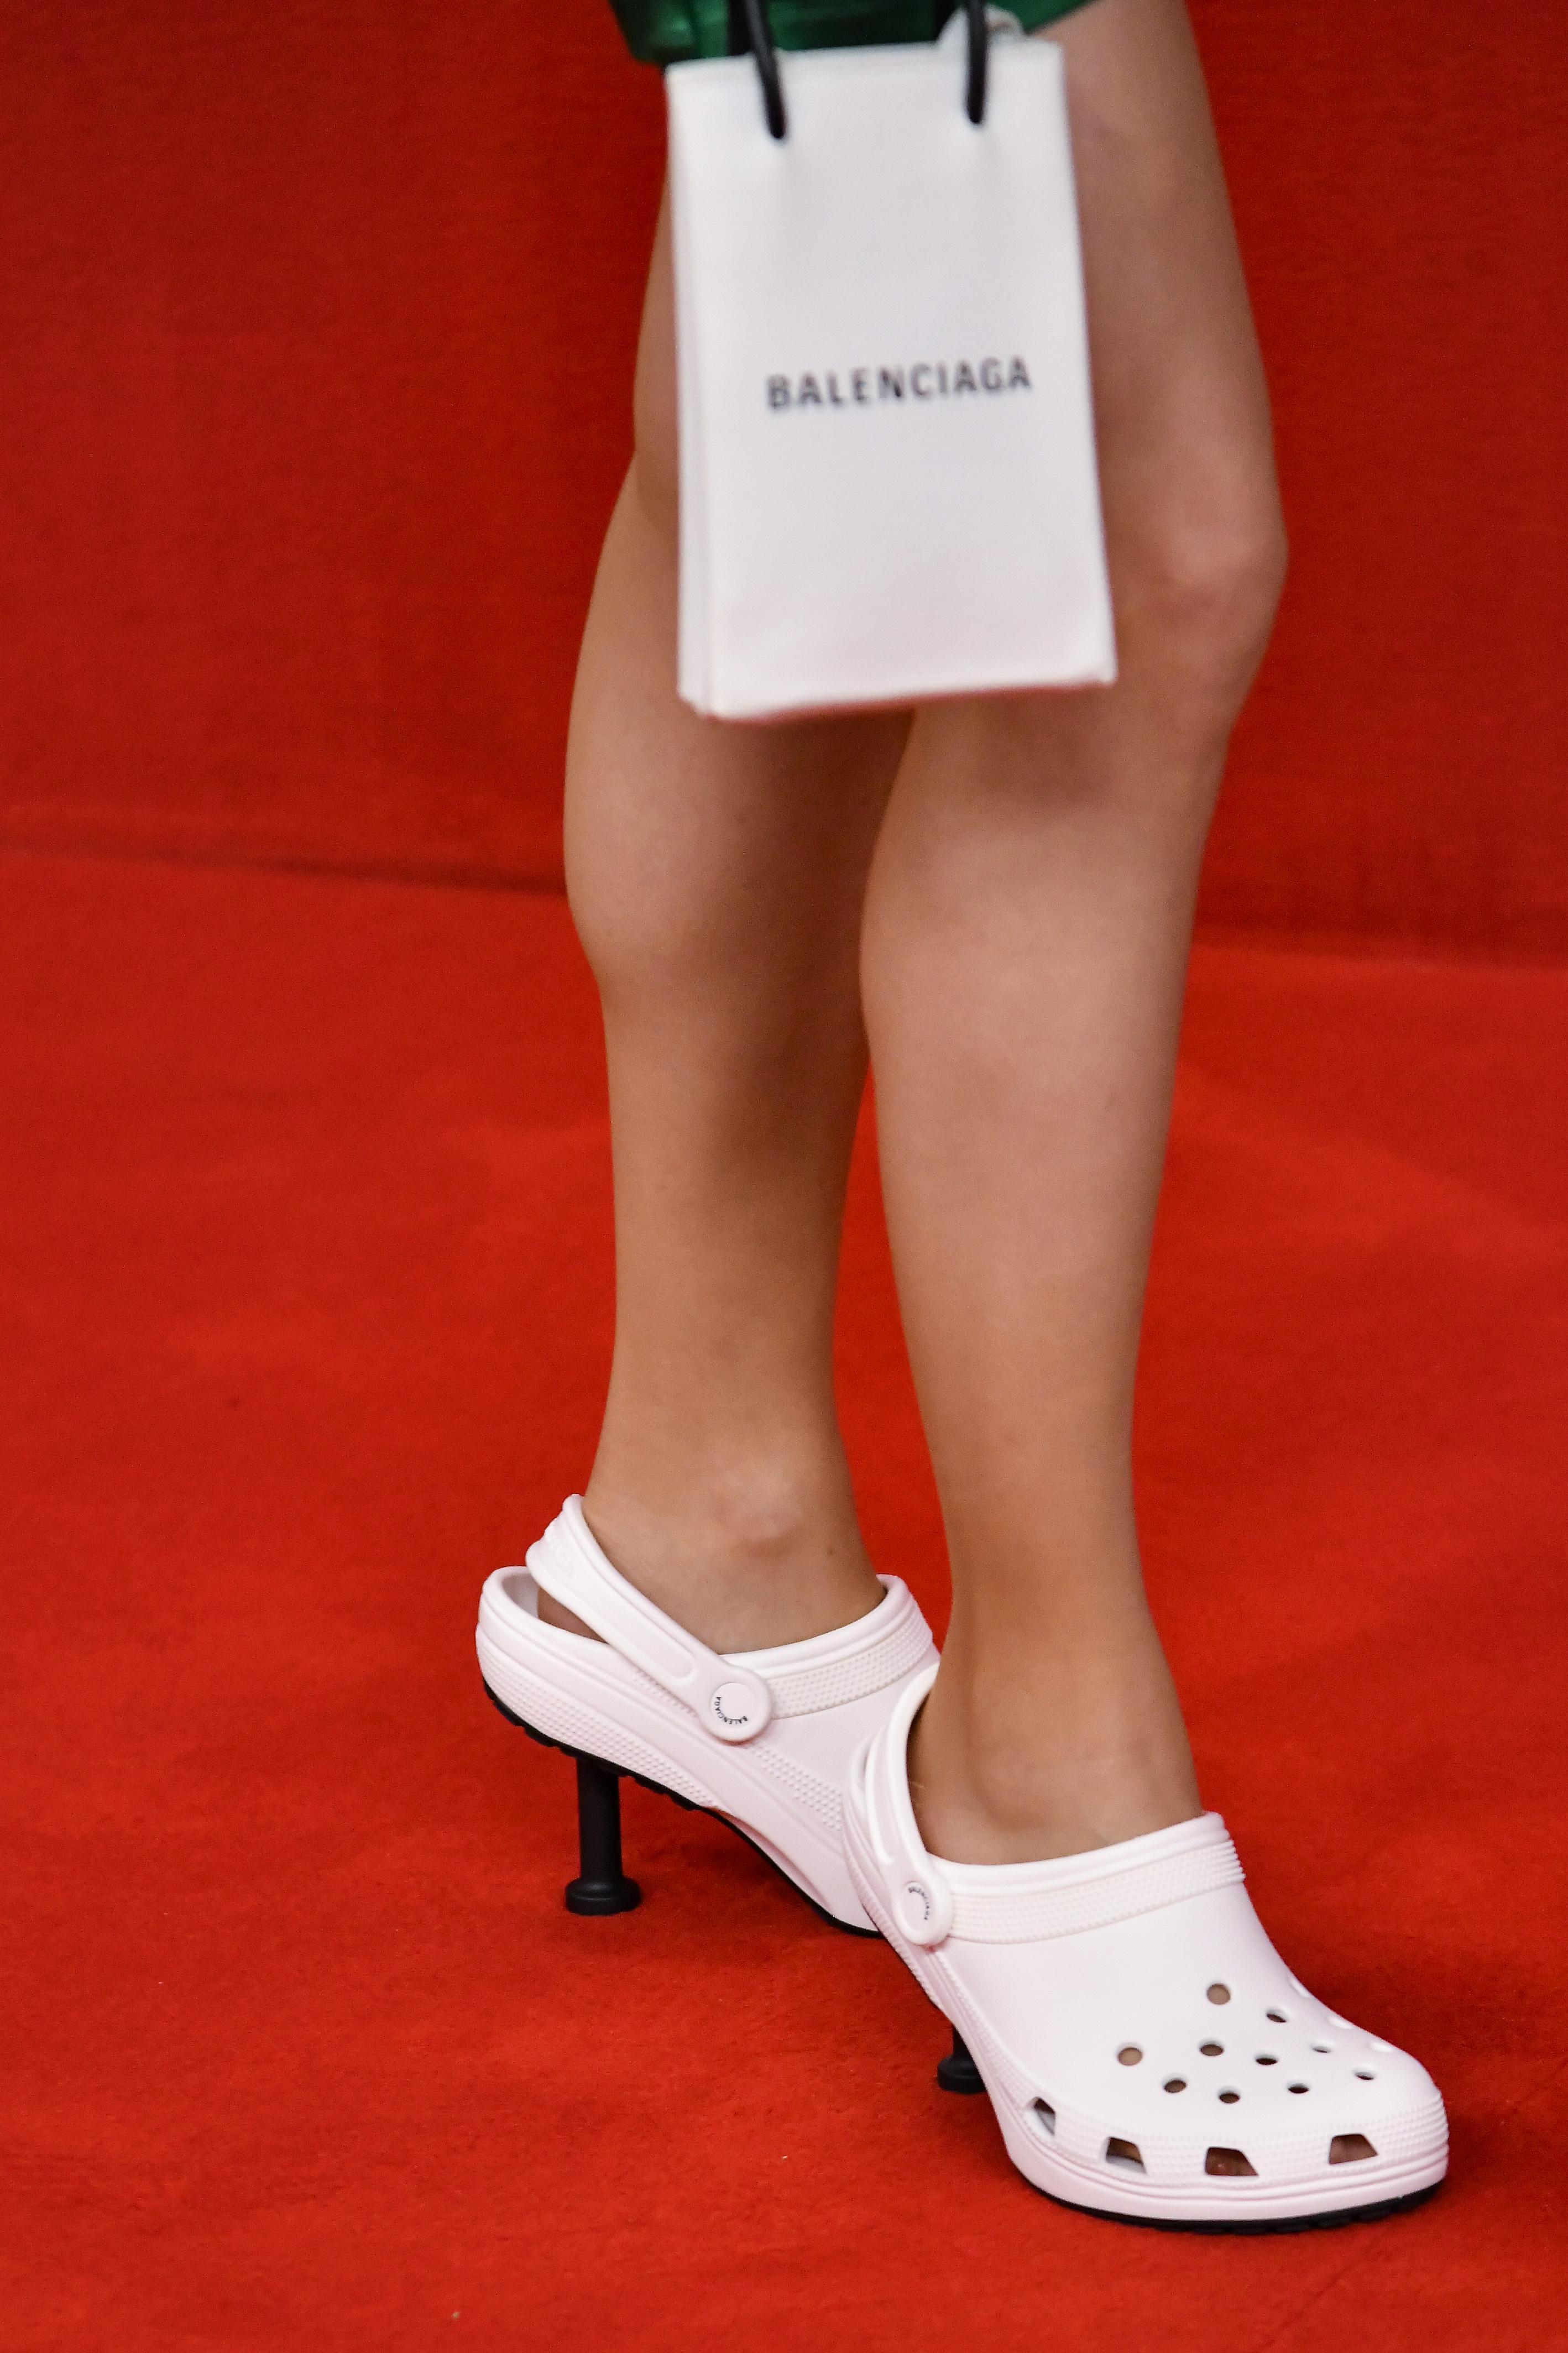 Pés de modelo usando Crocs branco de salto no desfile de primavera-verão da Balenciaga na semana de moda de Paris